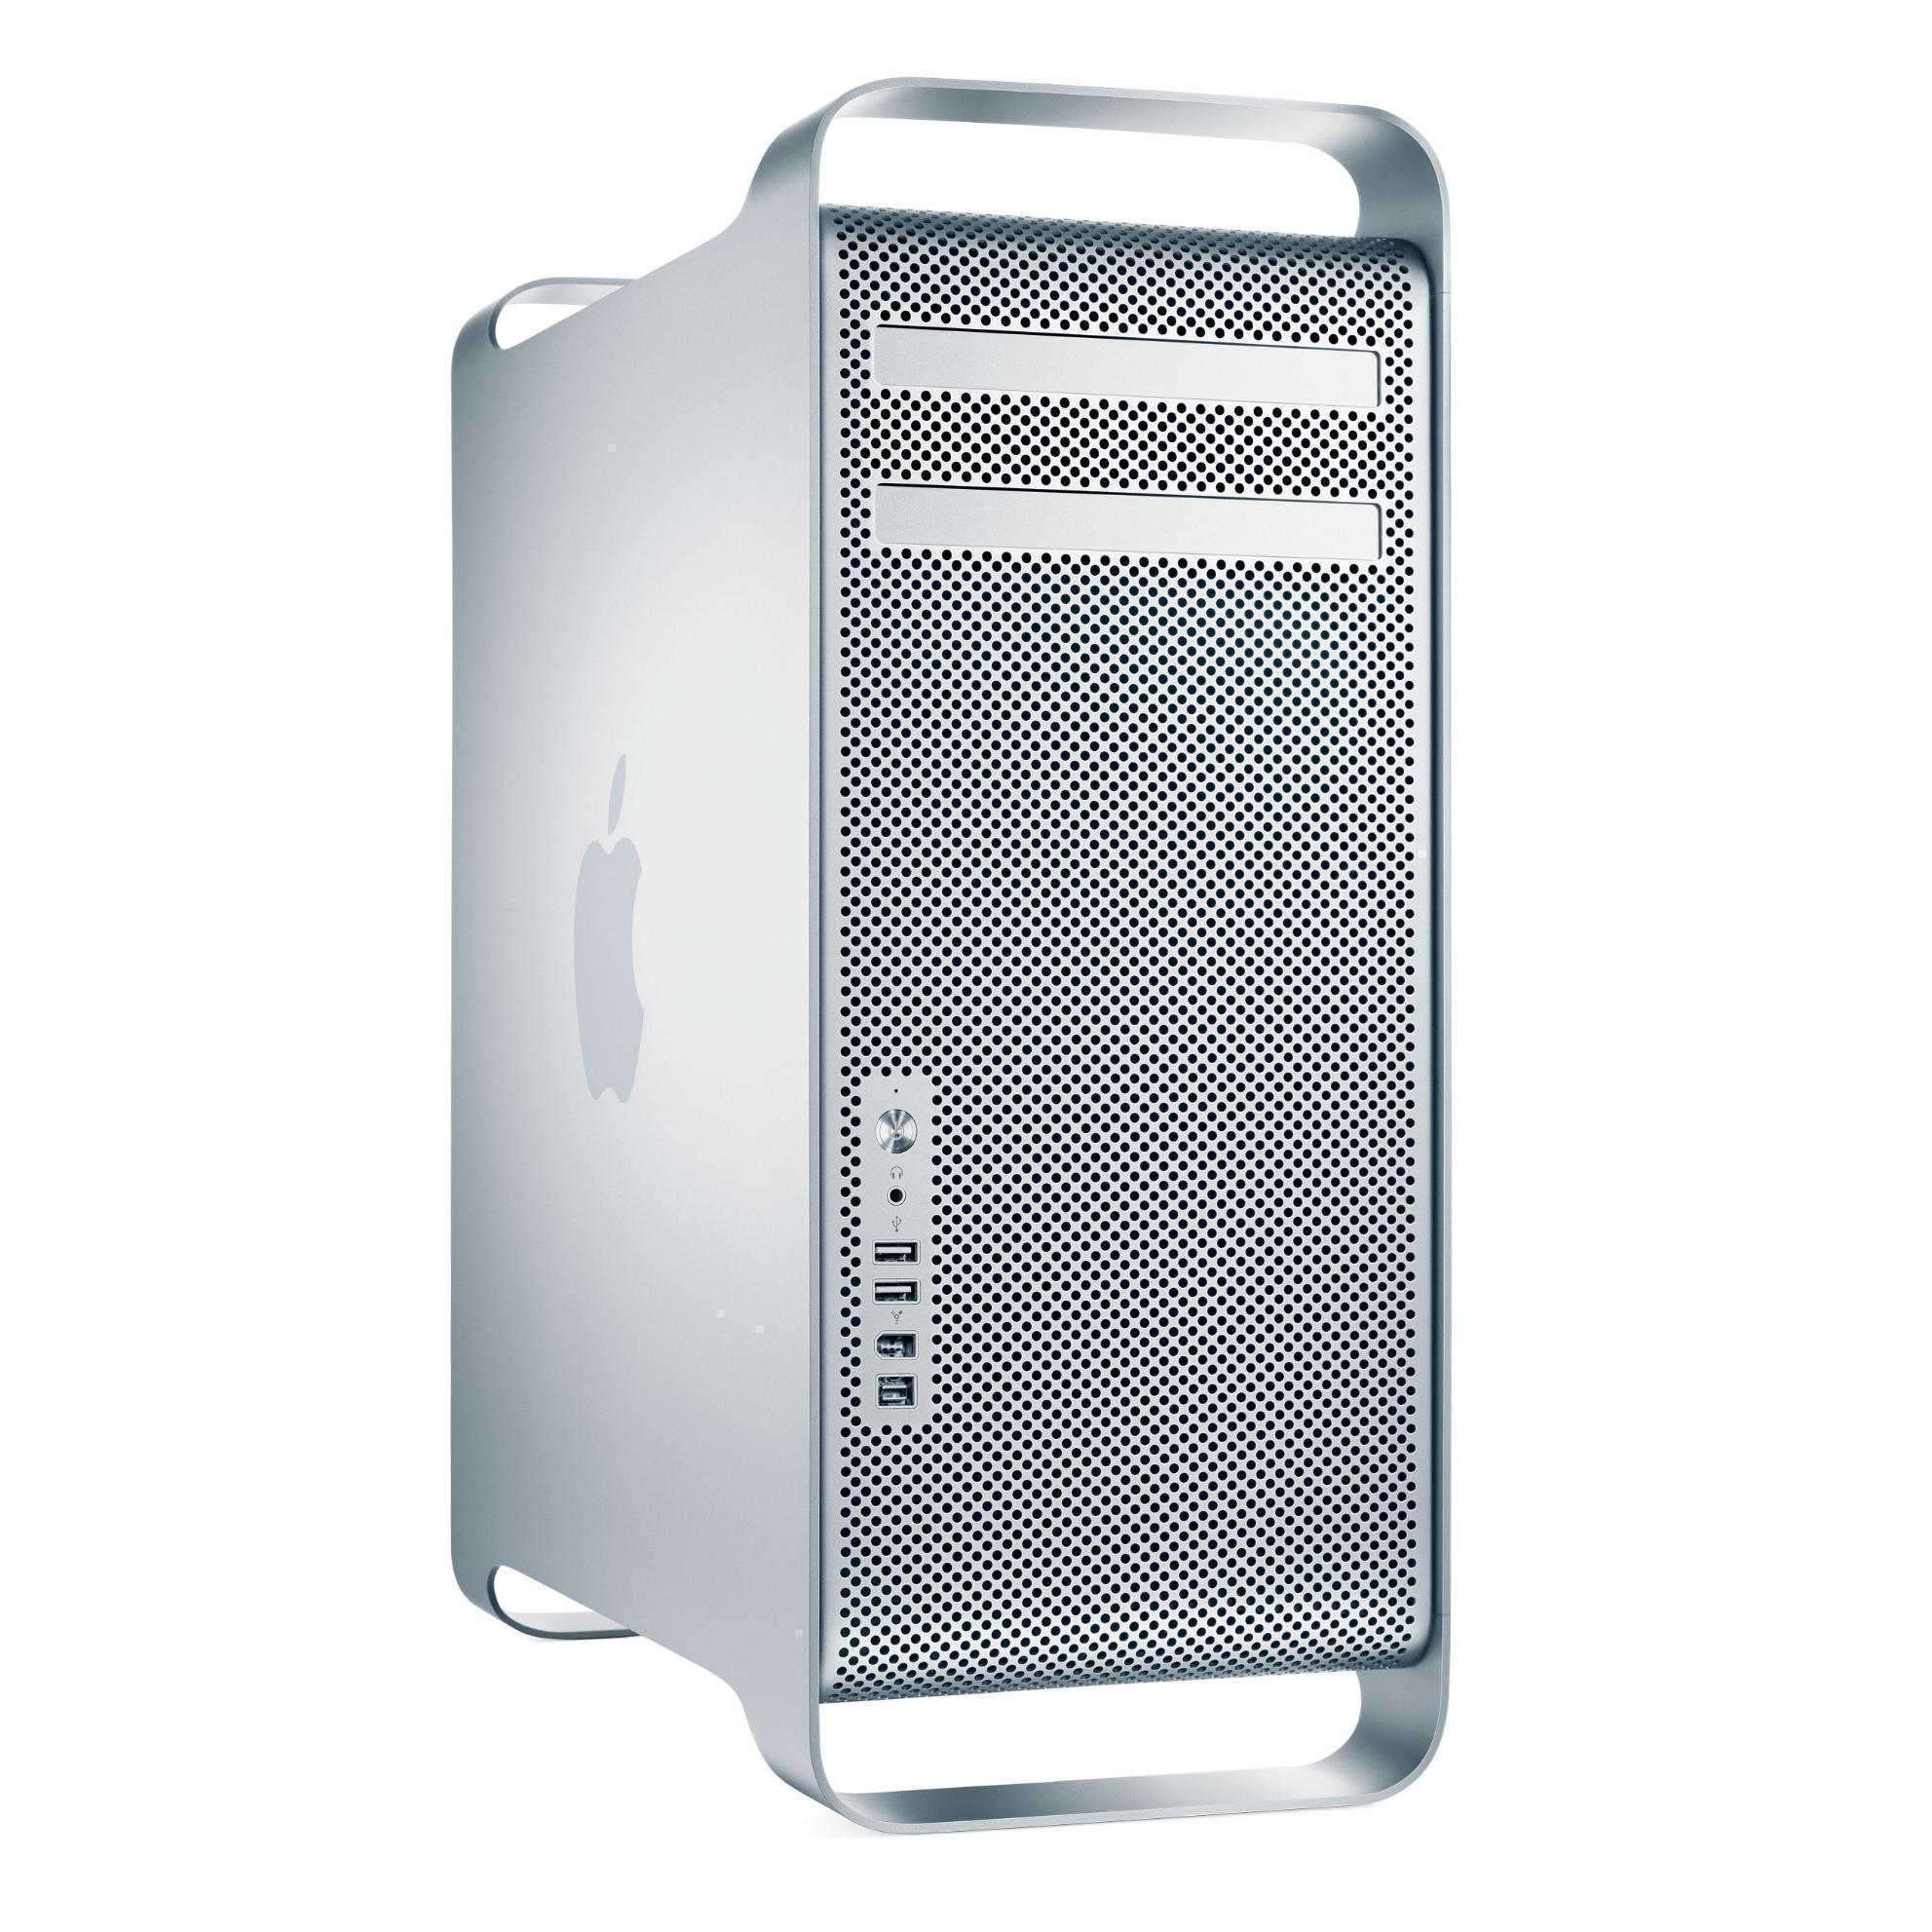 Mac Pro (November 2010) Xeon W 2.8 GHz - SSD 250 GB + HDD 2 TB - 16GB